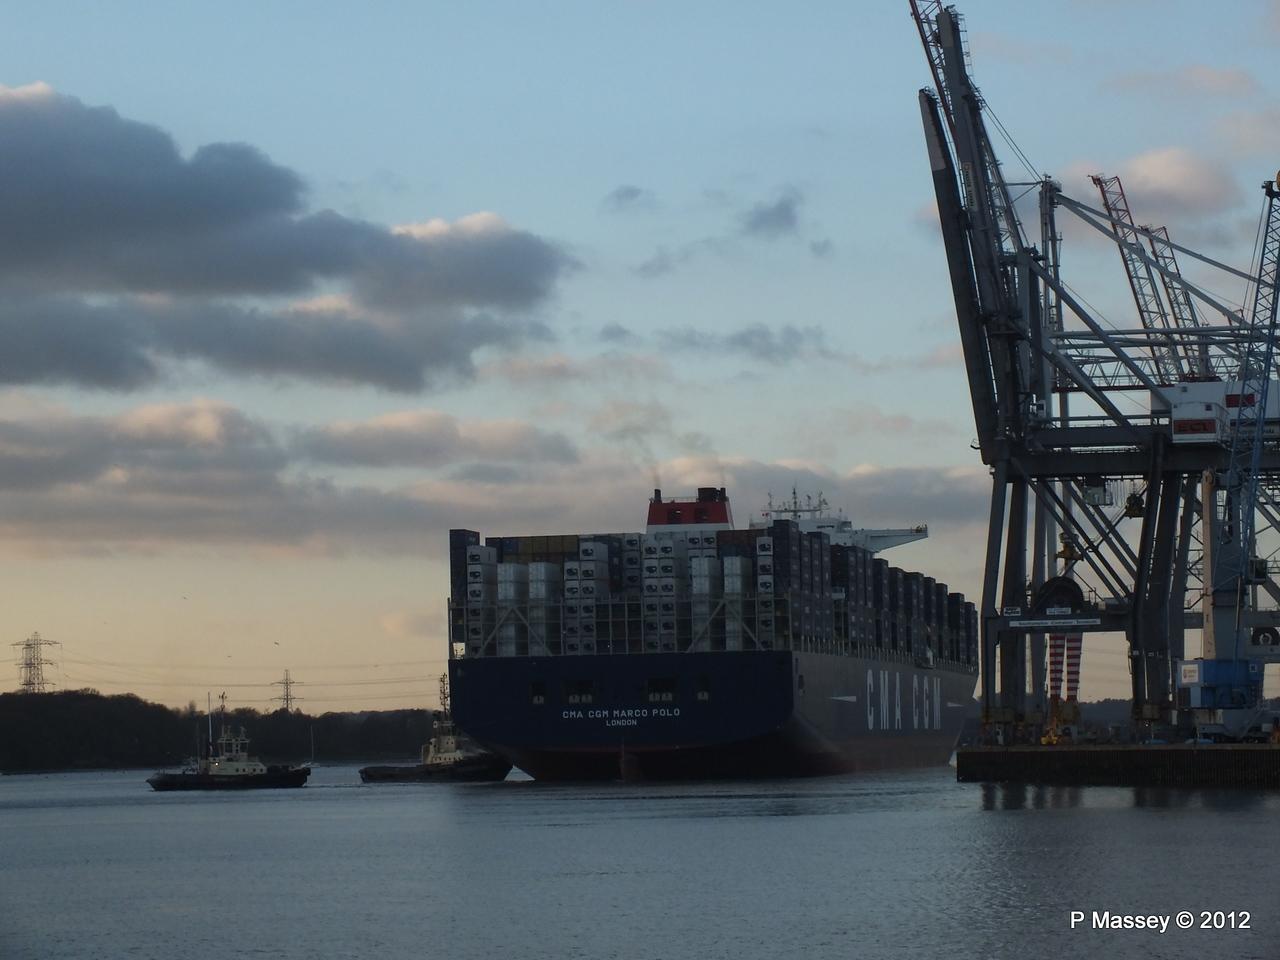 CMA CGM MARCO POLO Southampton PDM 10-12-2012 15-59-10